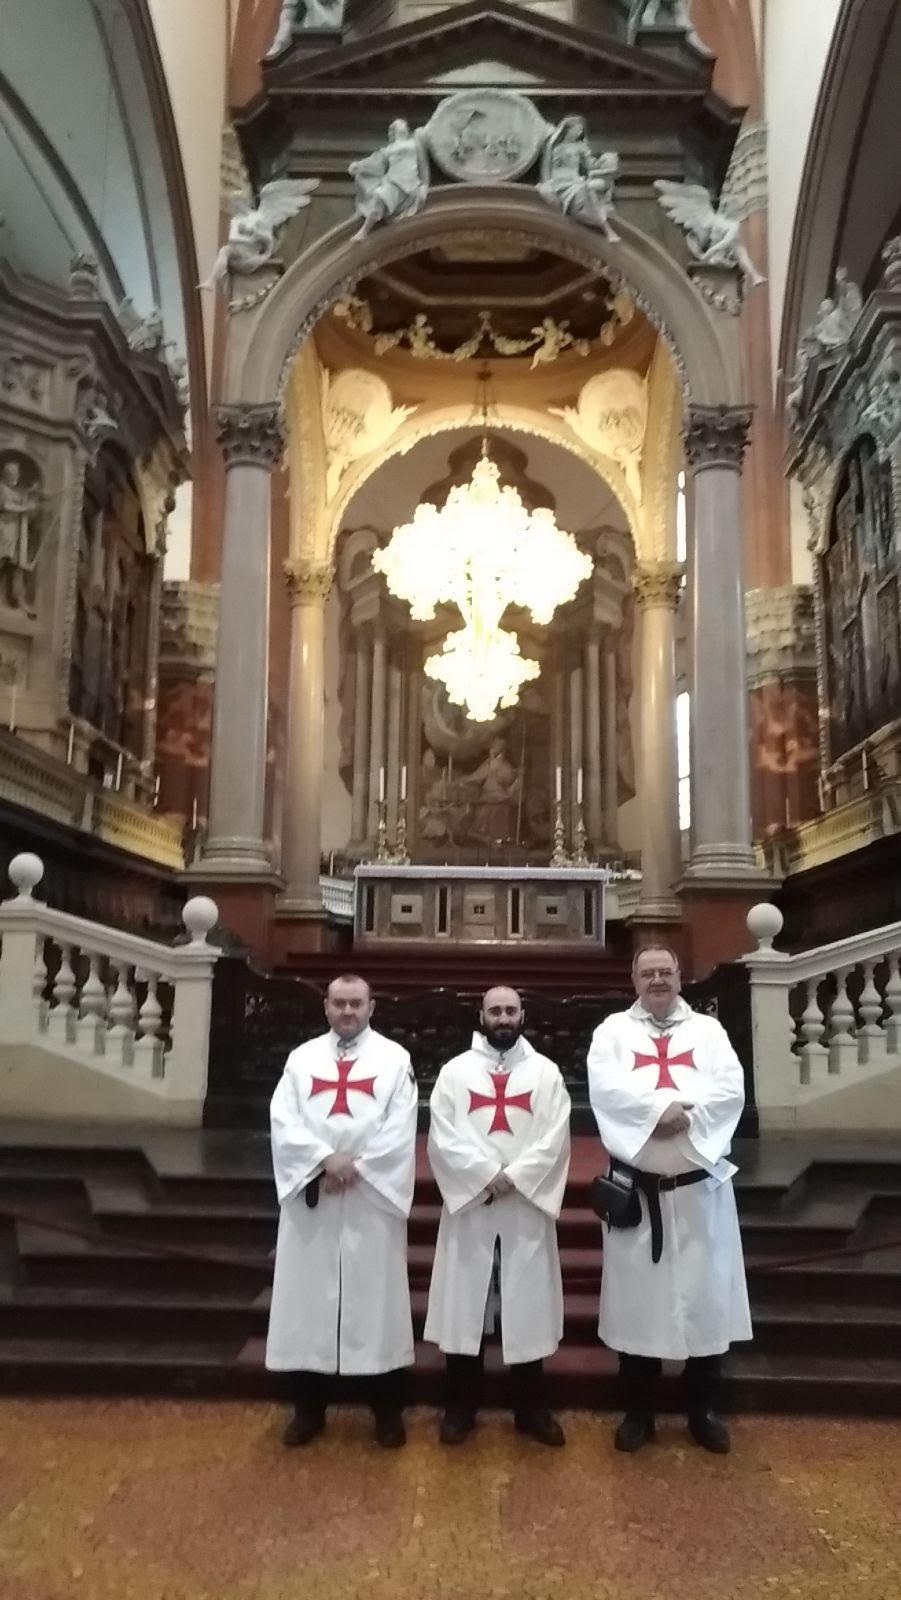 Bologna-Basilica di San Petronio 10-11 marzo 2018 Templari foto 3